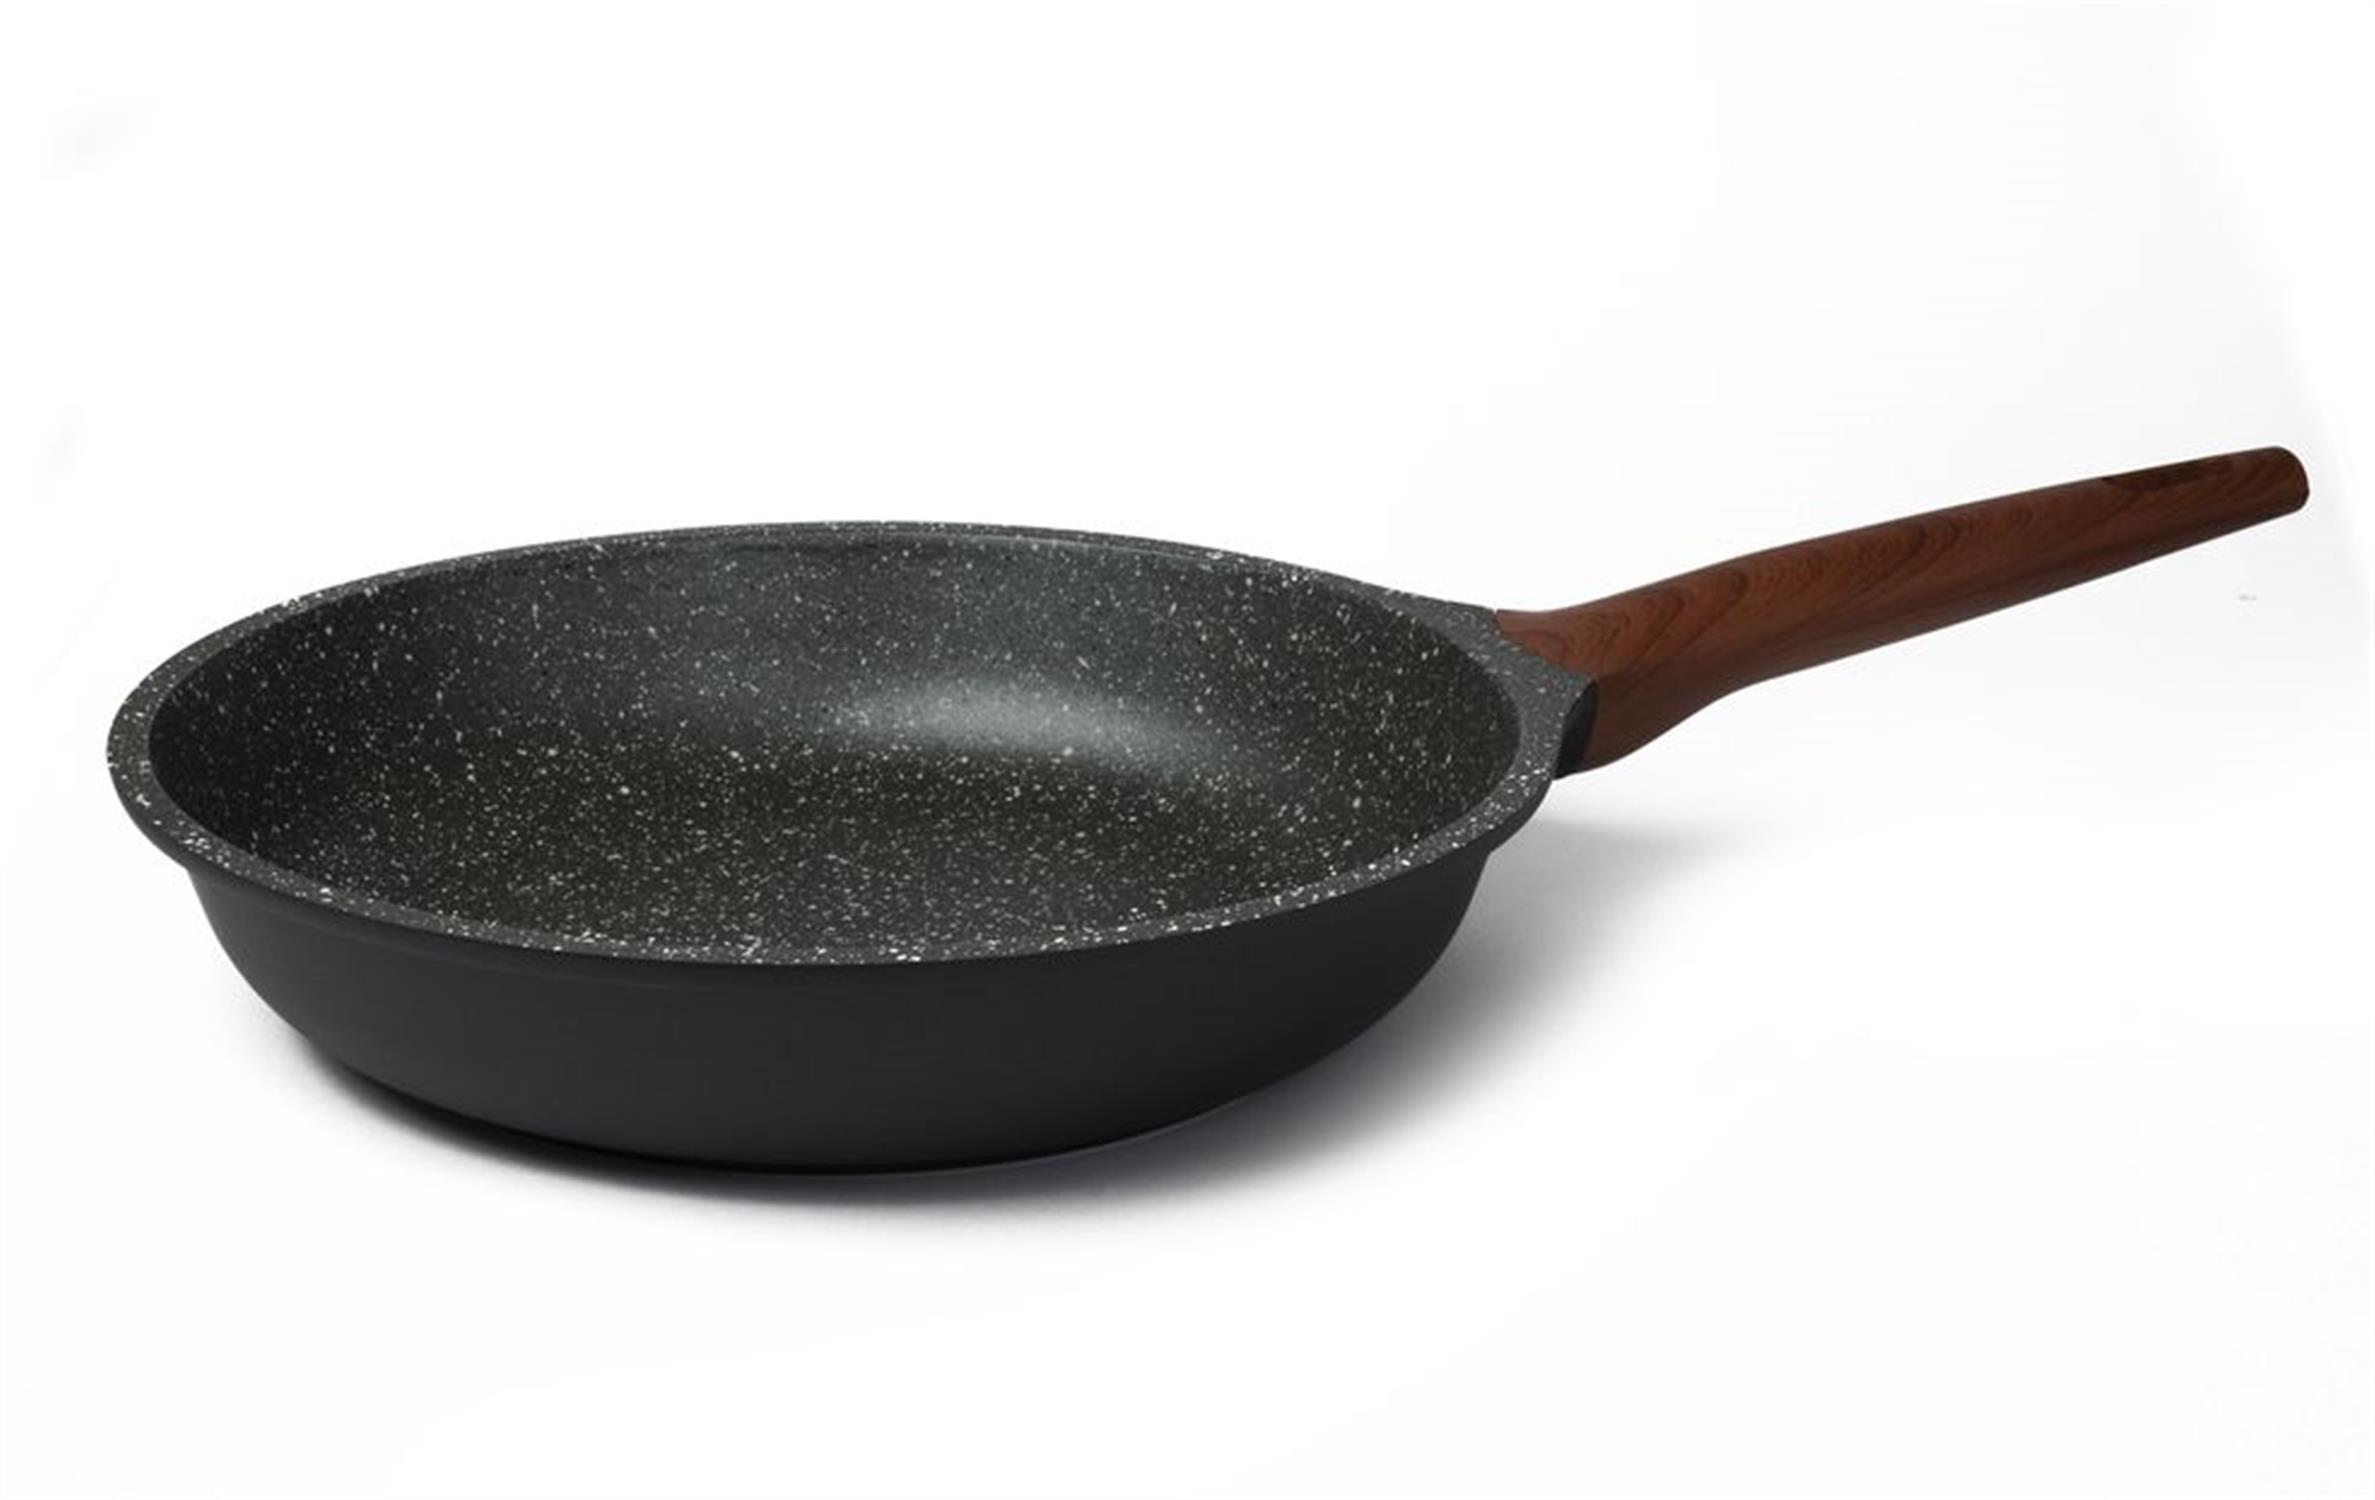 Αντικολλητικό τηγάνι με μαρμάρινη επίστρωση stone 20cm Estia 01-1162